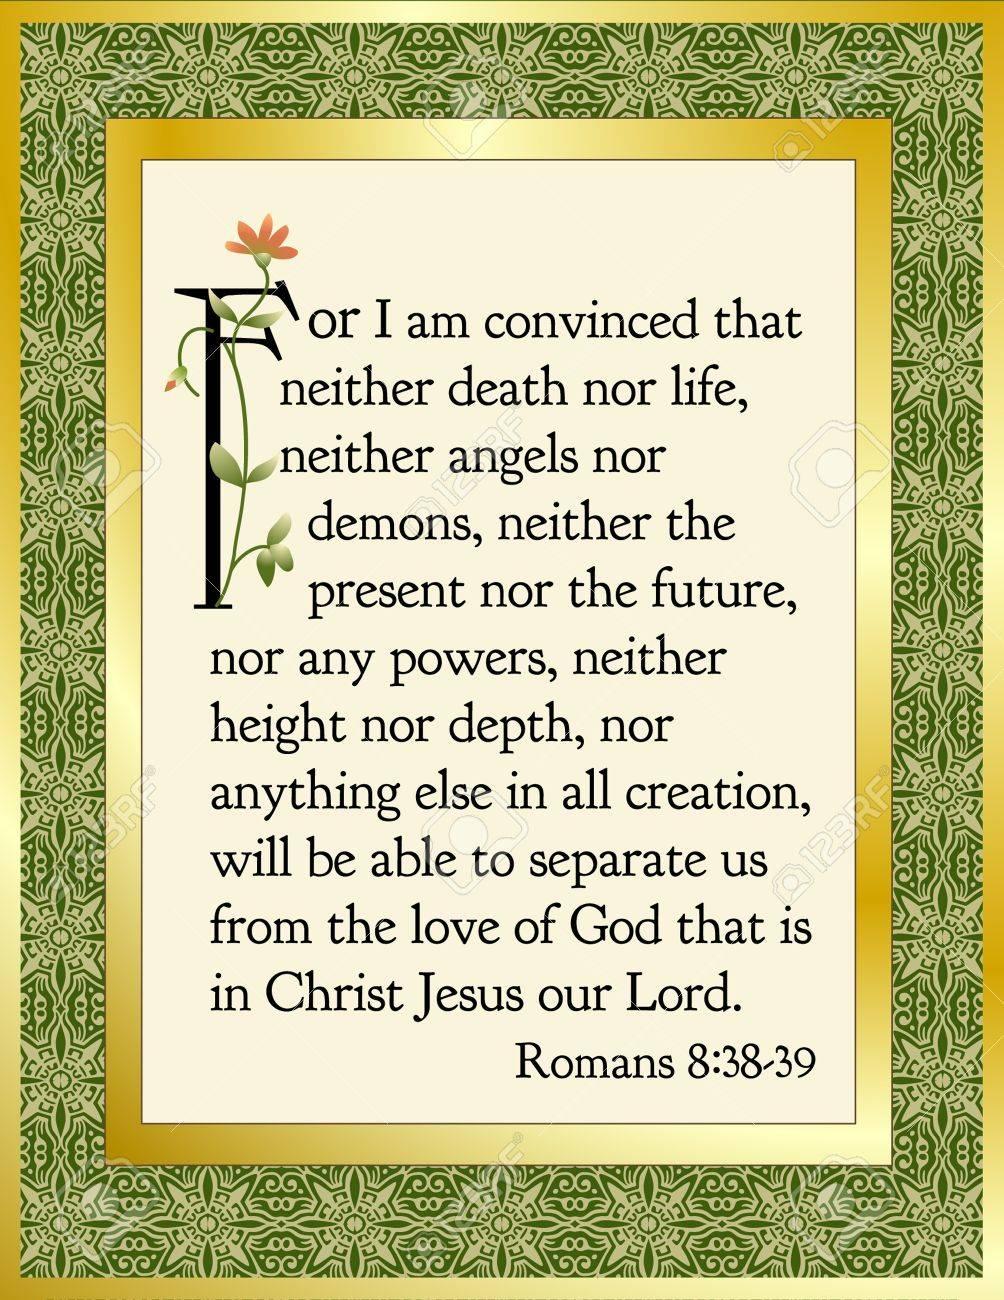 La Inspiración De La Biblia Sobre El Amor De Dios S Para Nosotros Ilustraciones Vectoriales Clip Art Vectorizado Libre De Derechos Image 25417099